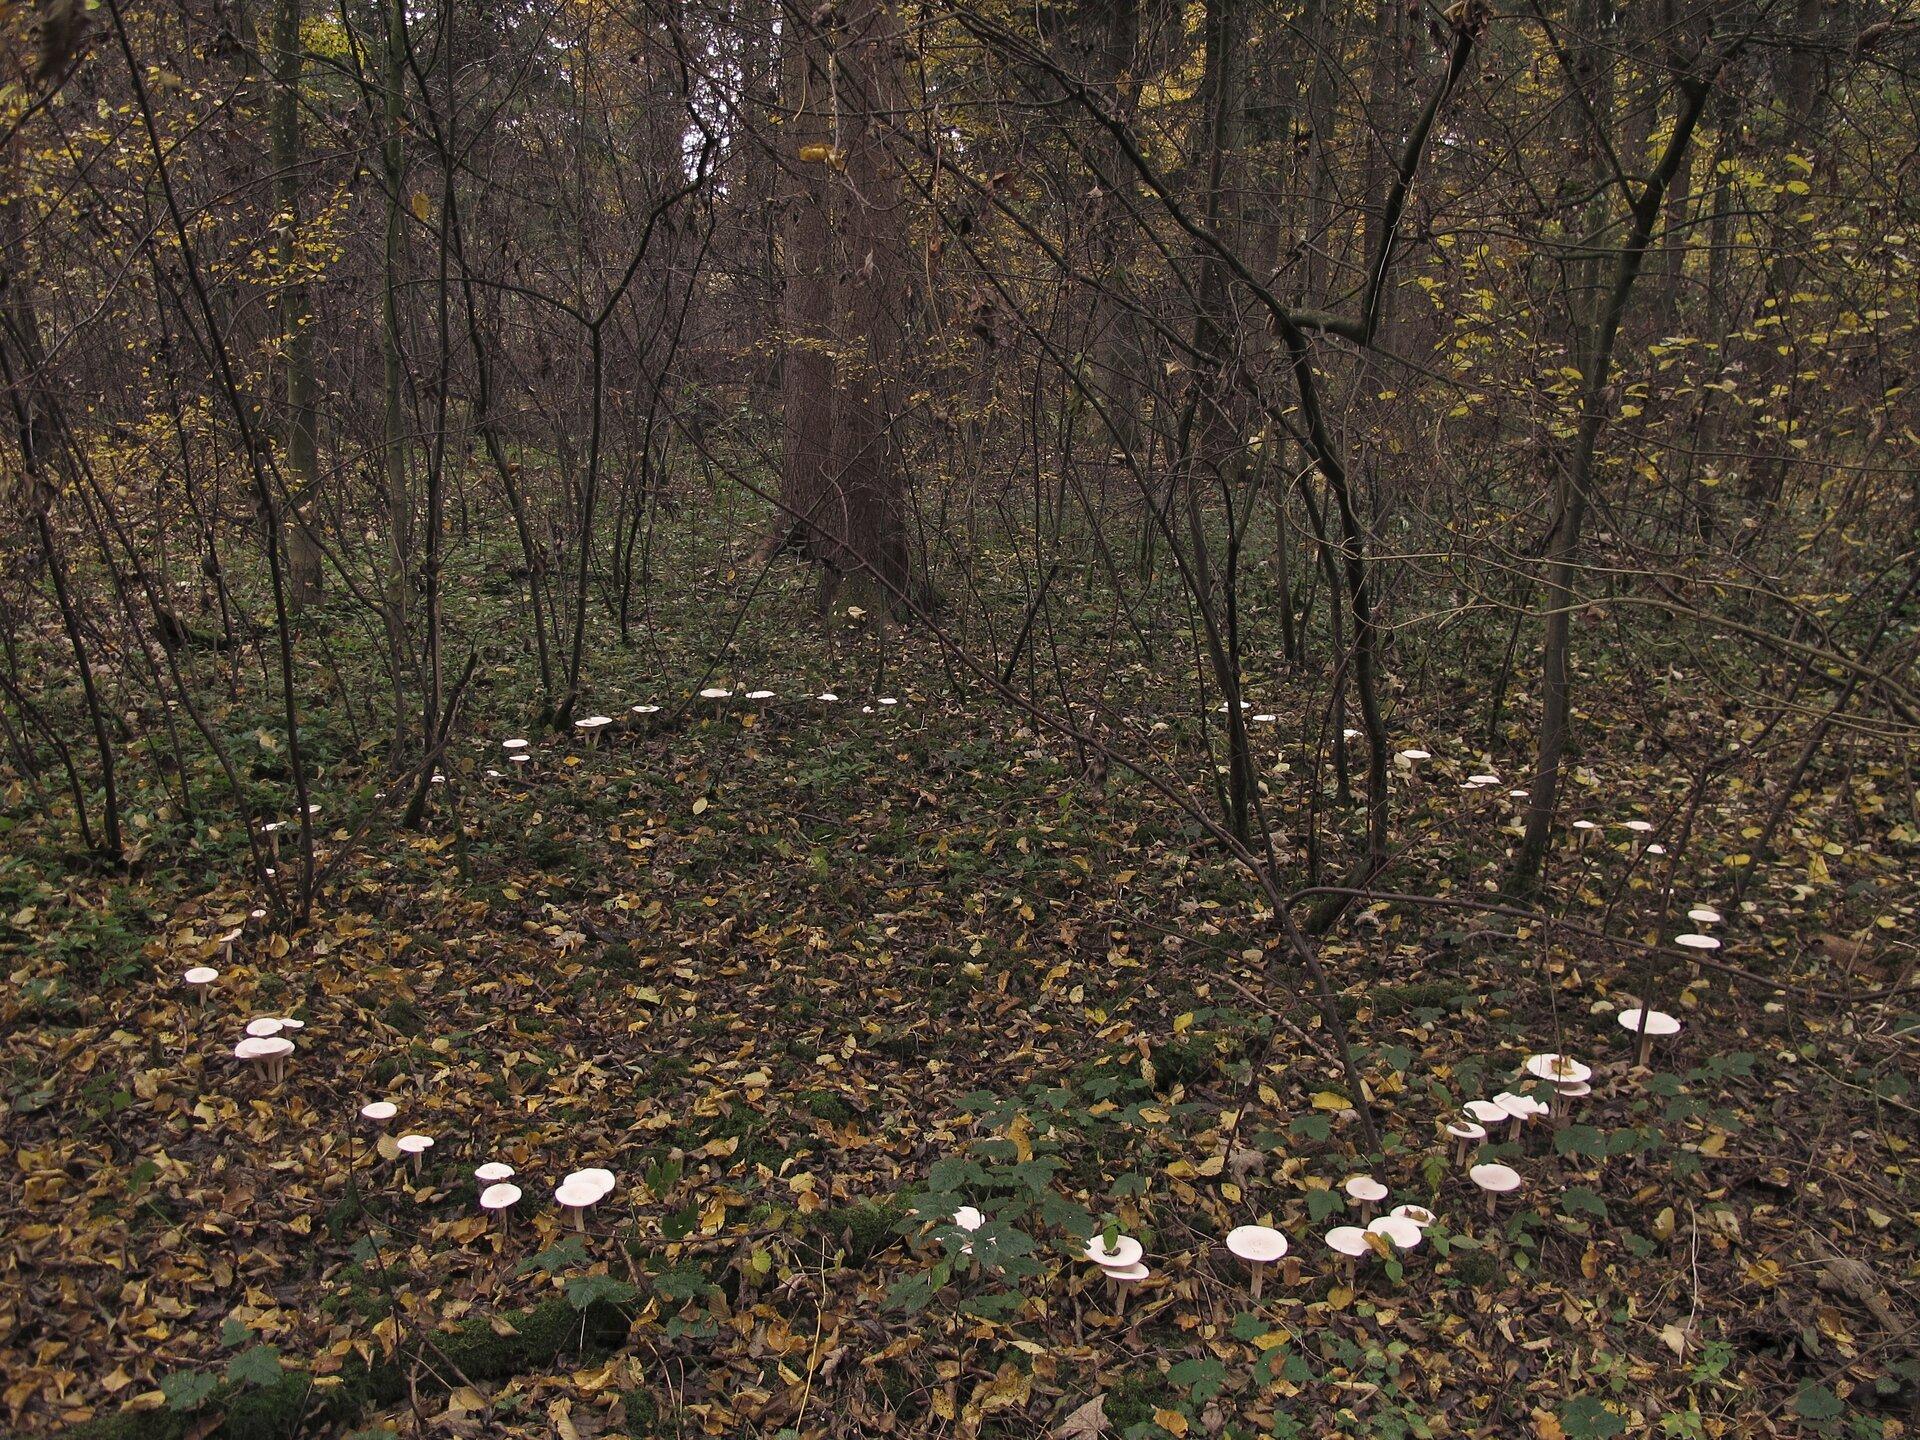 Fotografia przedstawia wnętrze lasu. Rosną tu nieliczne krzewy ocienkich gałązkach iwiększe drzewa. Na dnie lasu, między krzewami rosną białe grzyby wformie okręgu. To tak zwany czarci krąg.